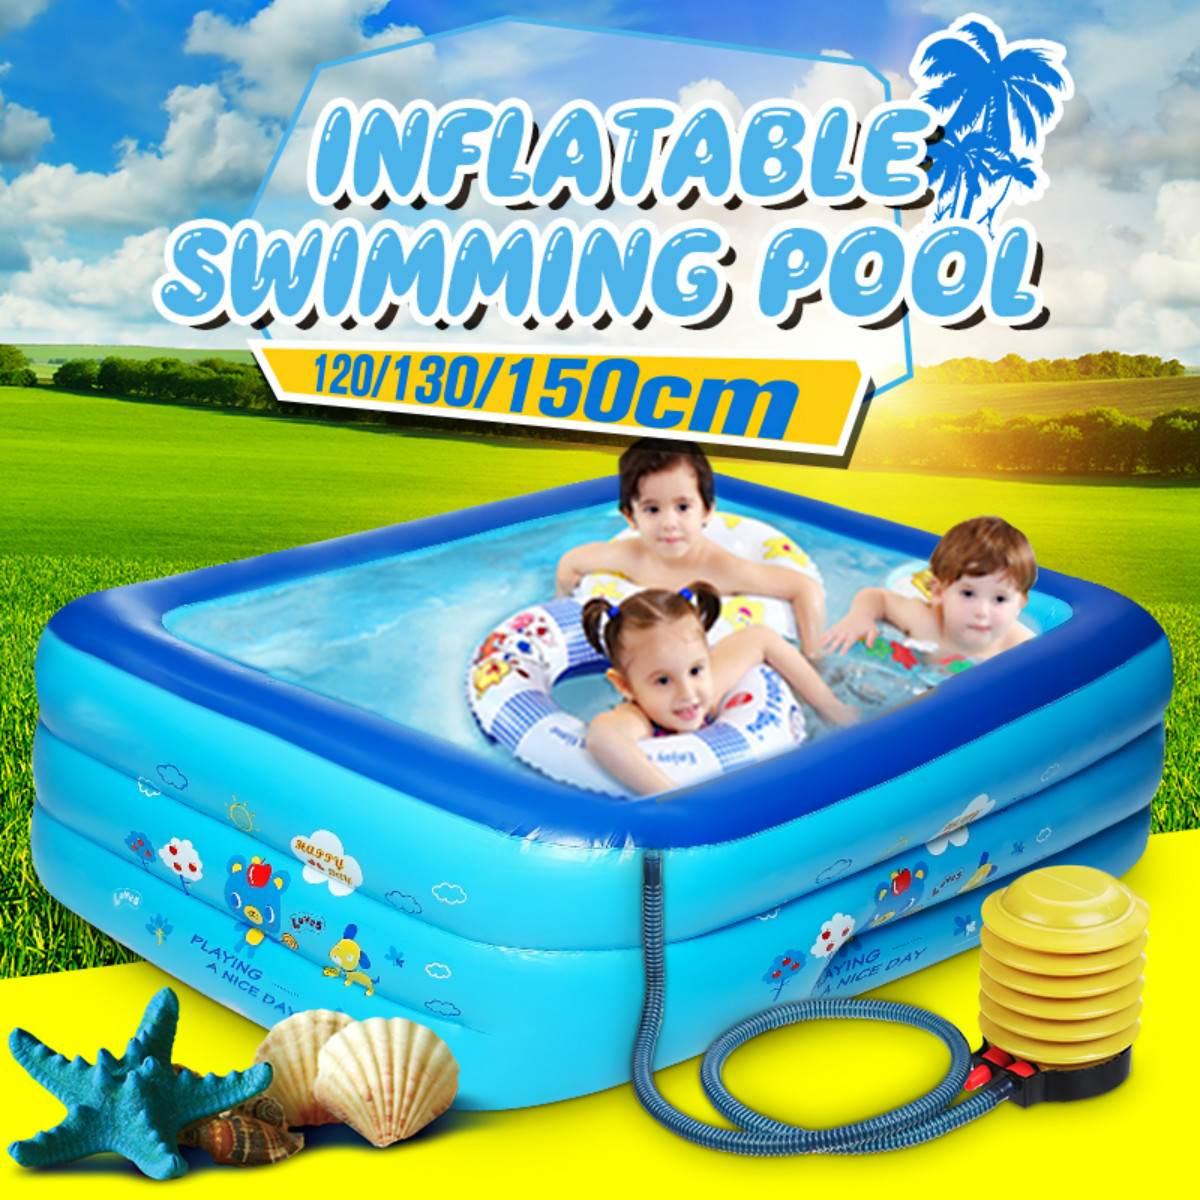 Piscine gonflable pour enfants   1.2/1.3/1.5/1.8M, baignoire de plage Portable pour l'extérieur, jardin arrière-jardin familial